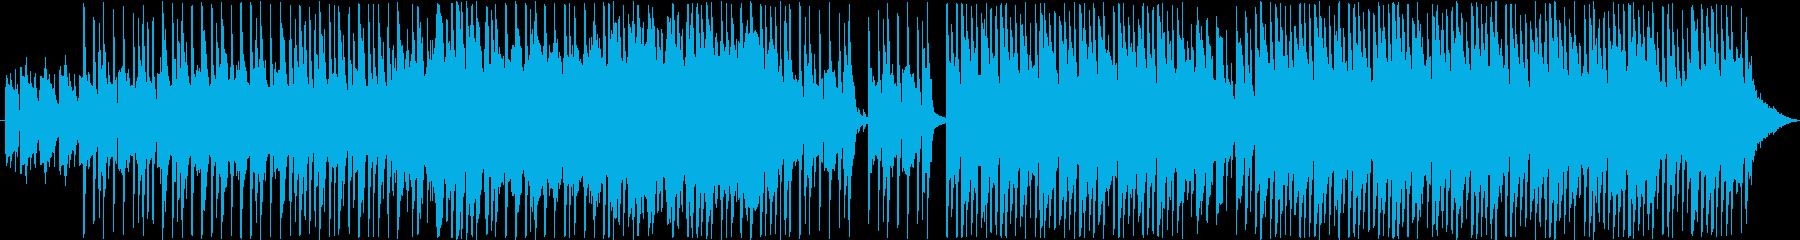 伝統的 ジャズ ビバップ イギリス...の再生済みの波形